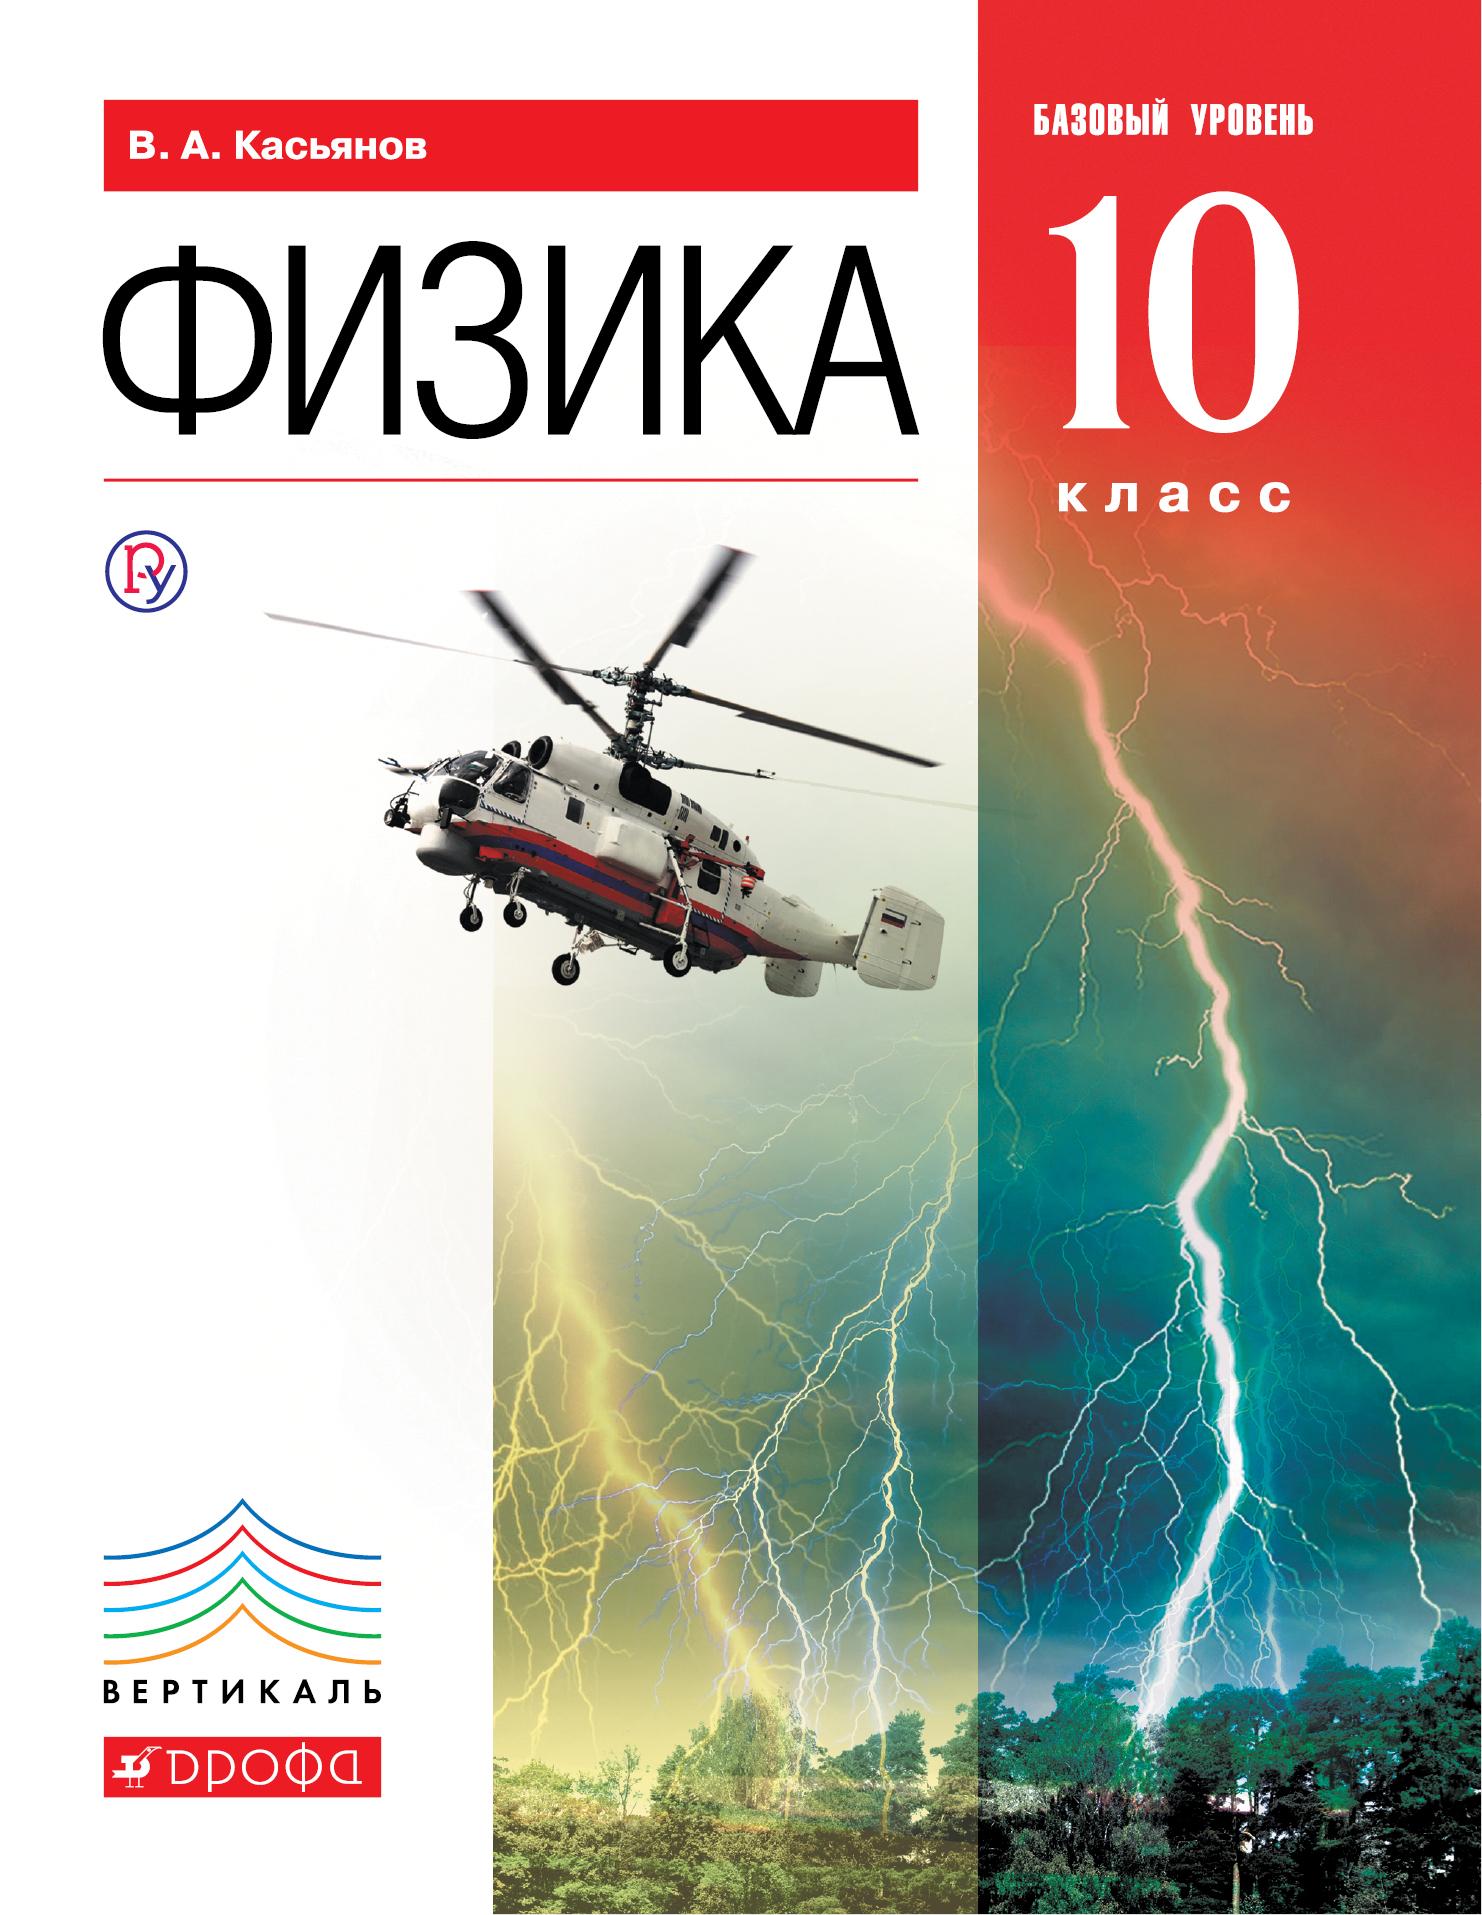 Касьянов, Физика, 10 кл, Учебник, Базовый Уровень, Вертикаль (Фгос)